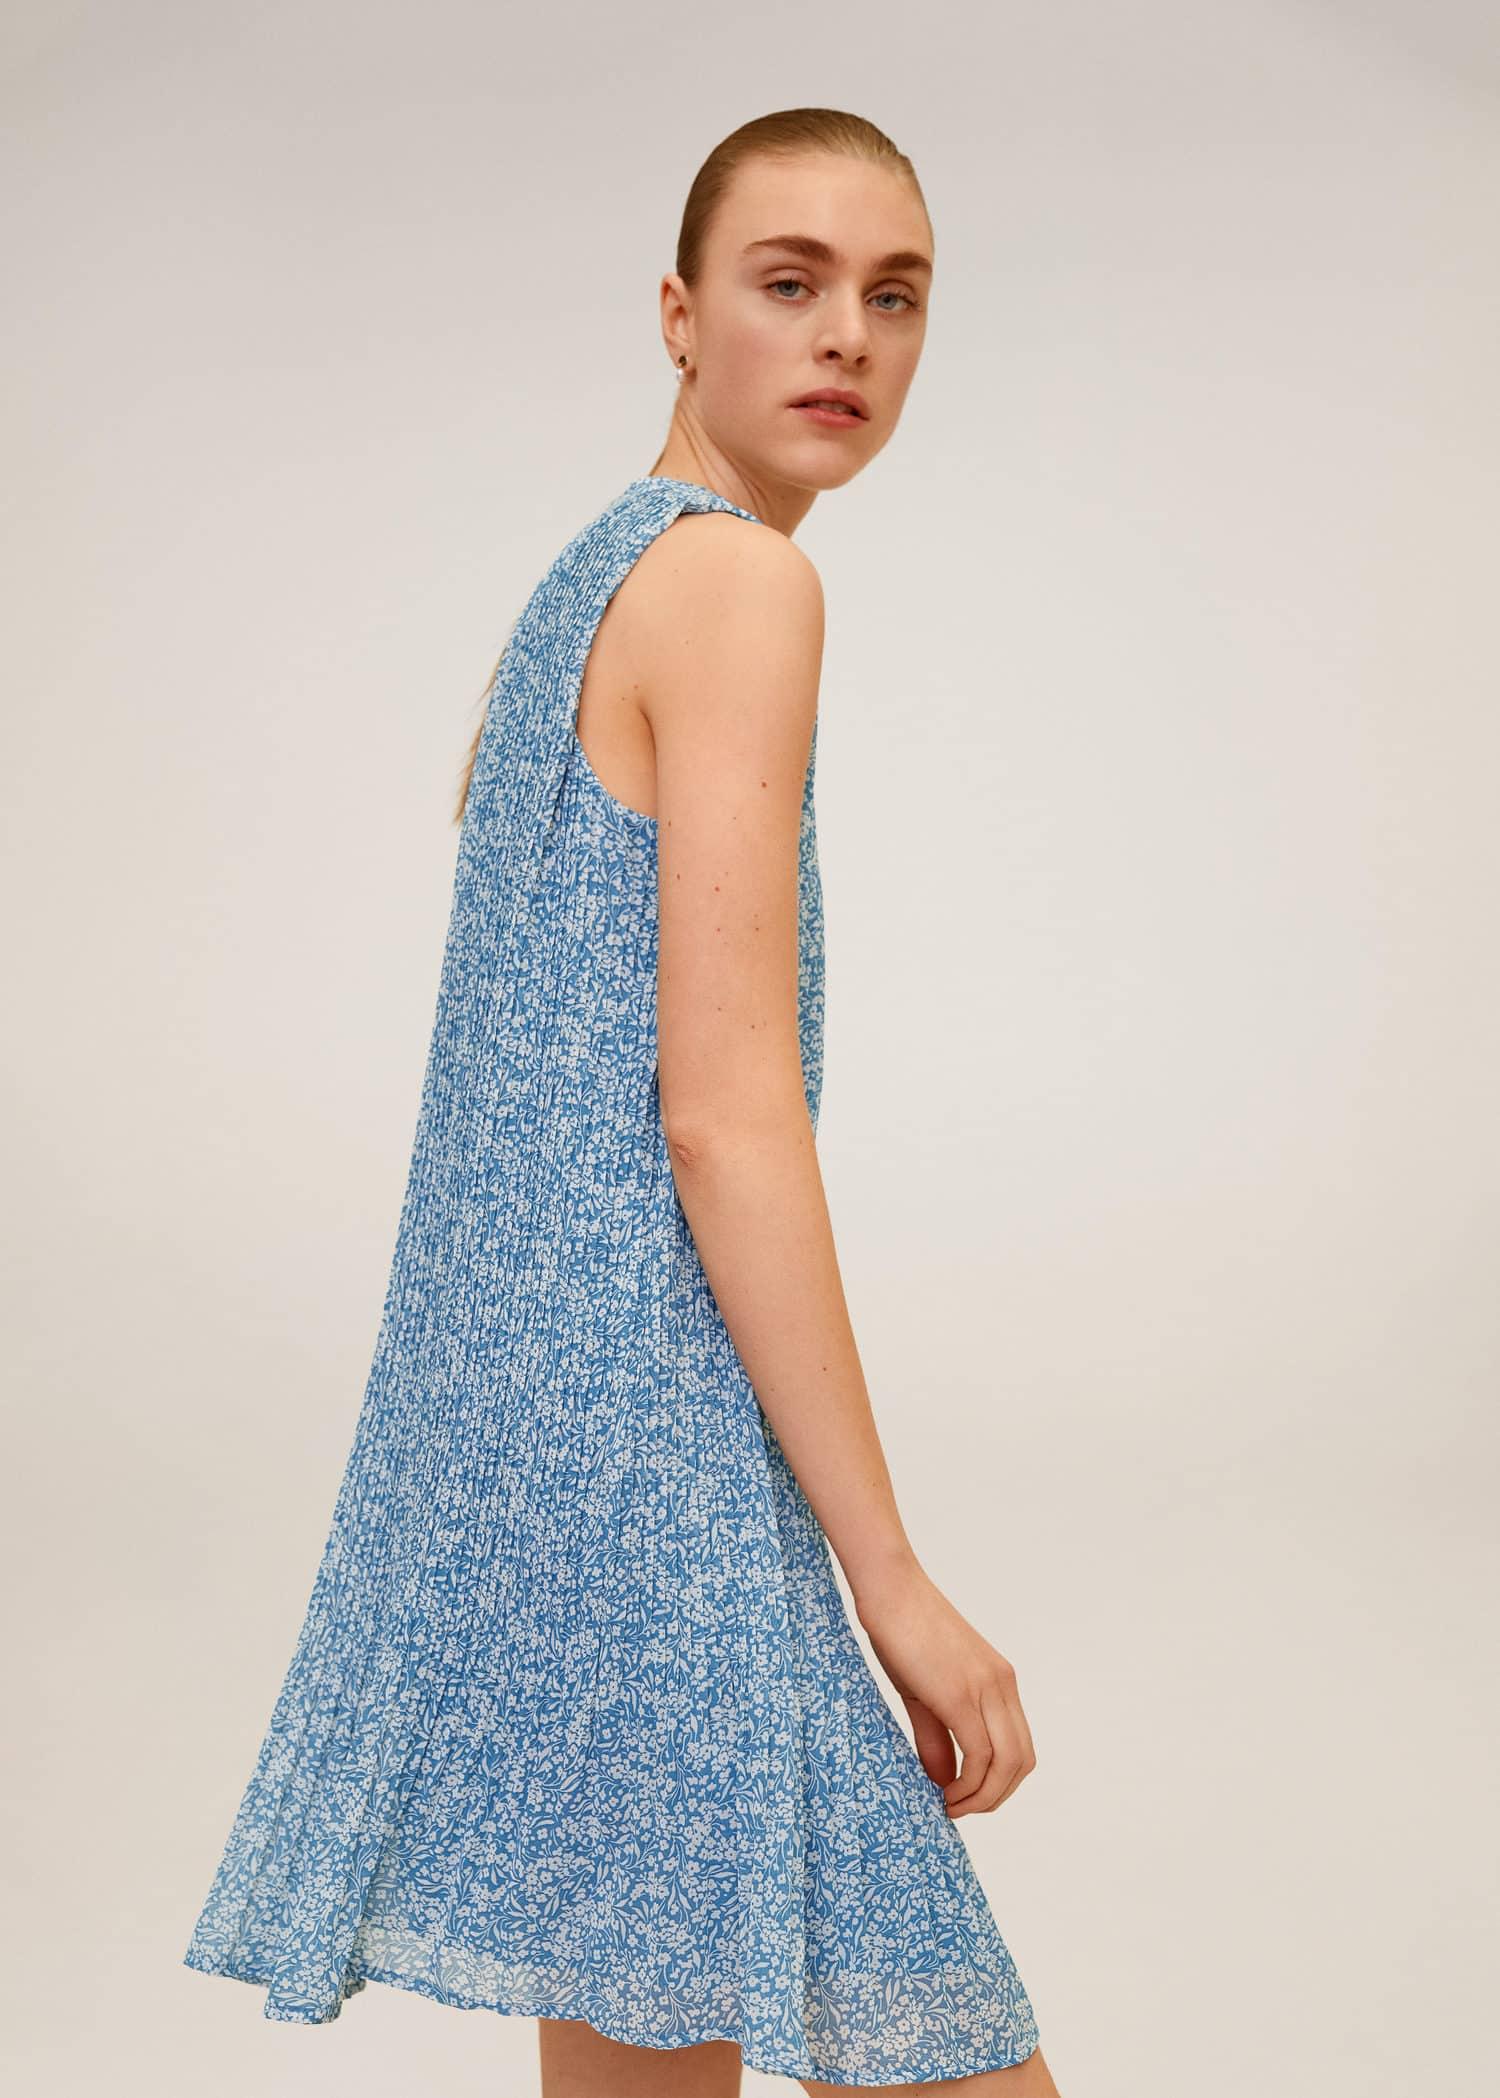 Kjole med sløyfe i ryggen KJOLER JENTE BARN PROMOTIONS